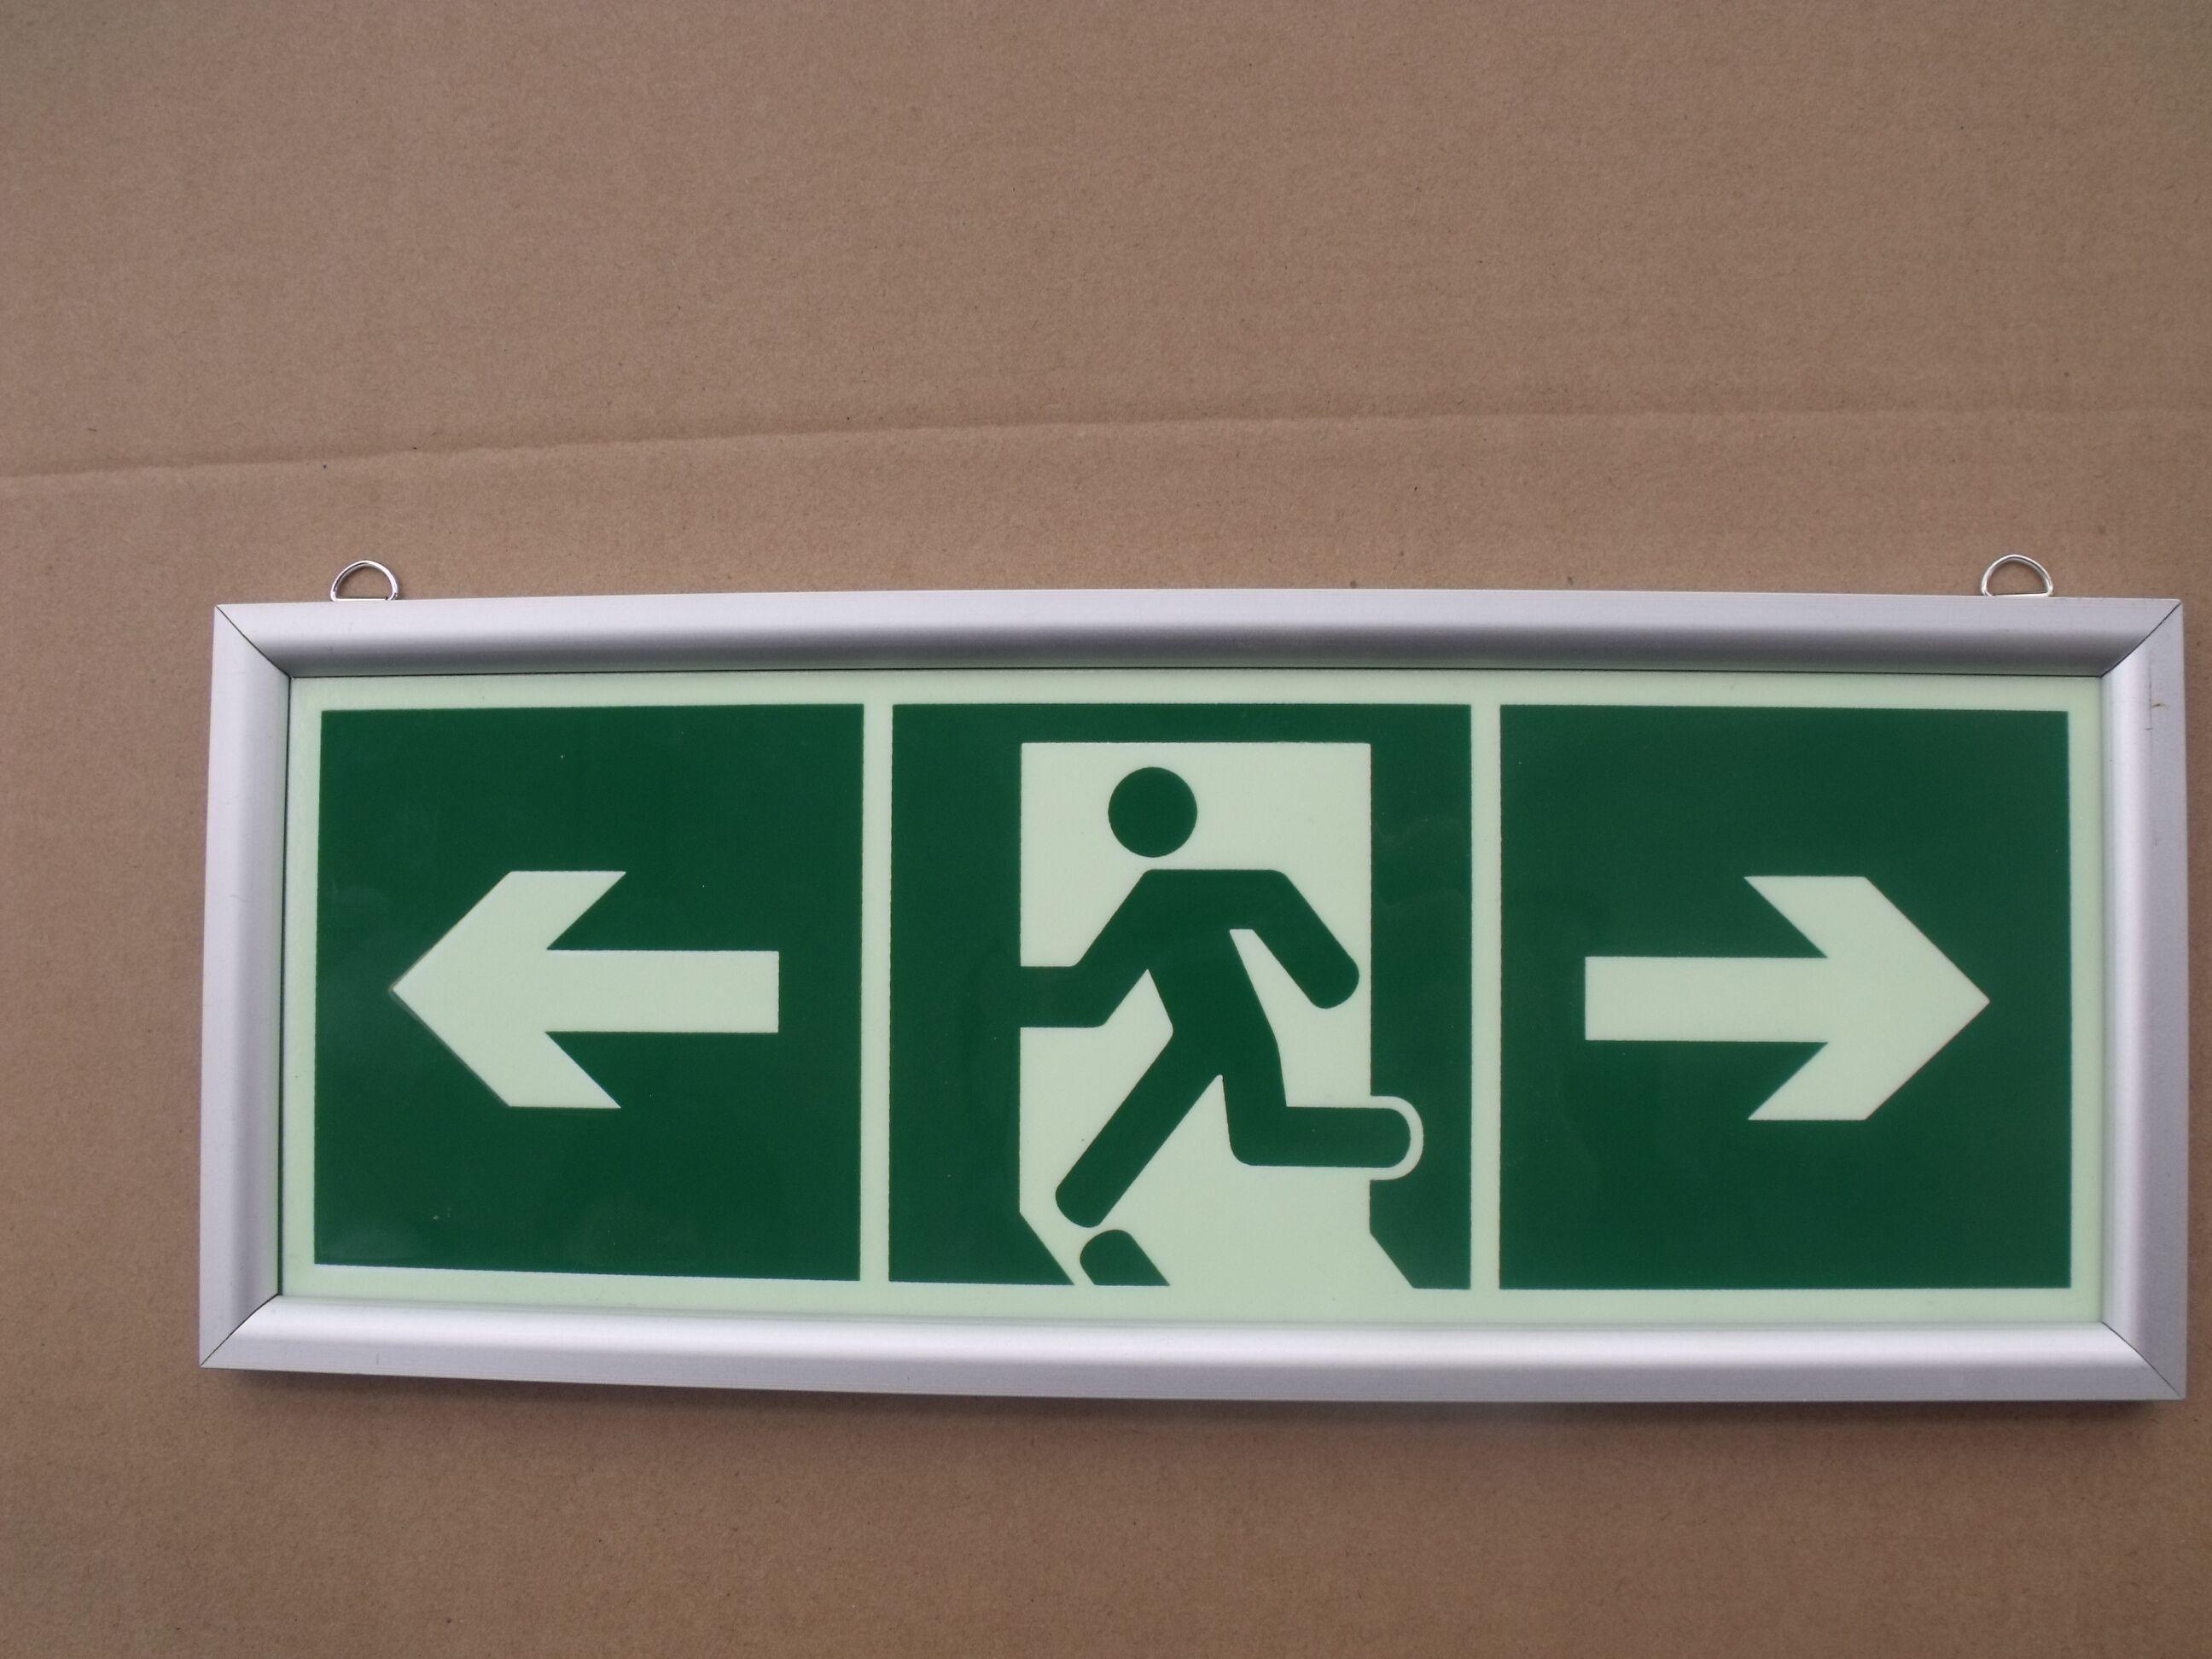 安全出口标志夜光发光铝合金边框紧急出口消防安全